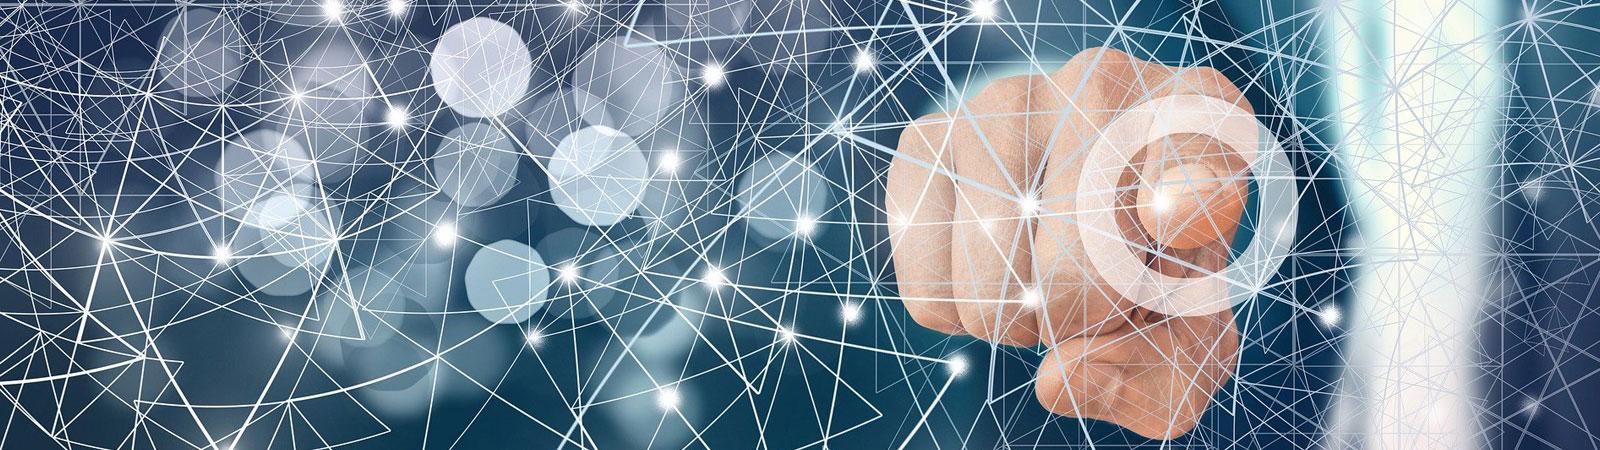 enterprise agile transformation services